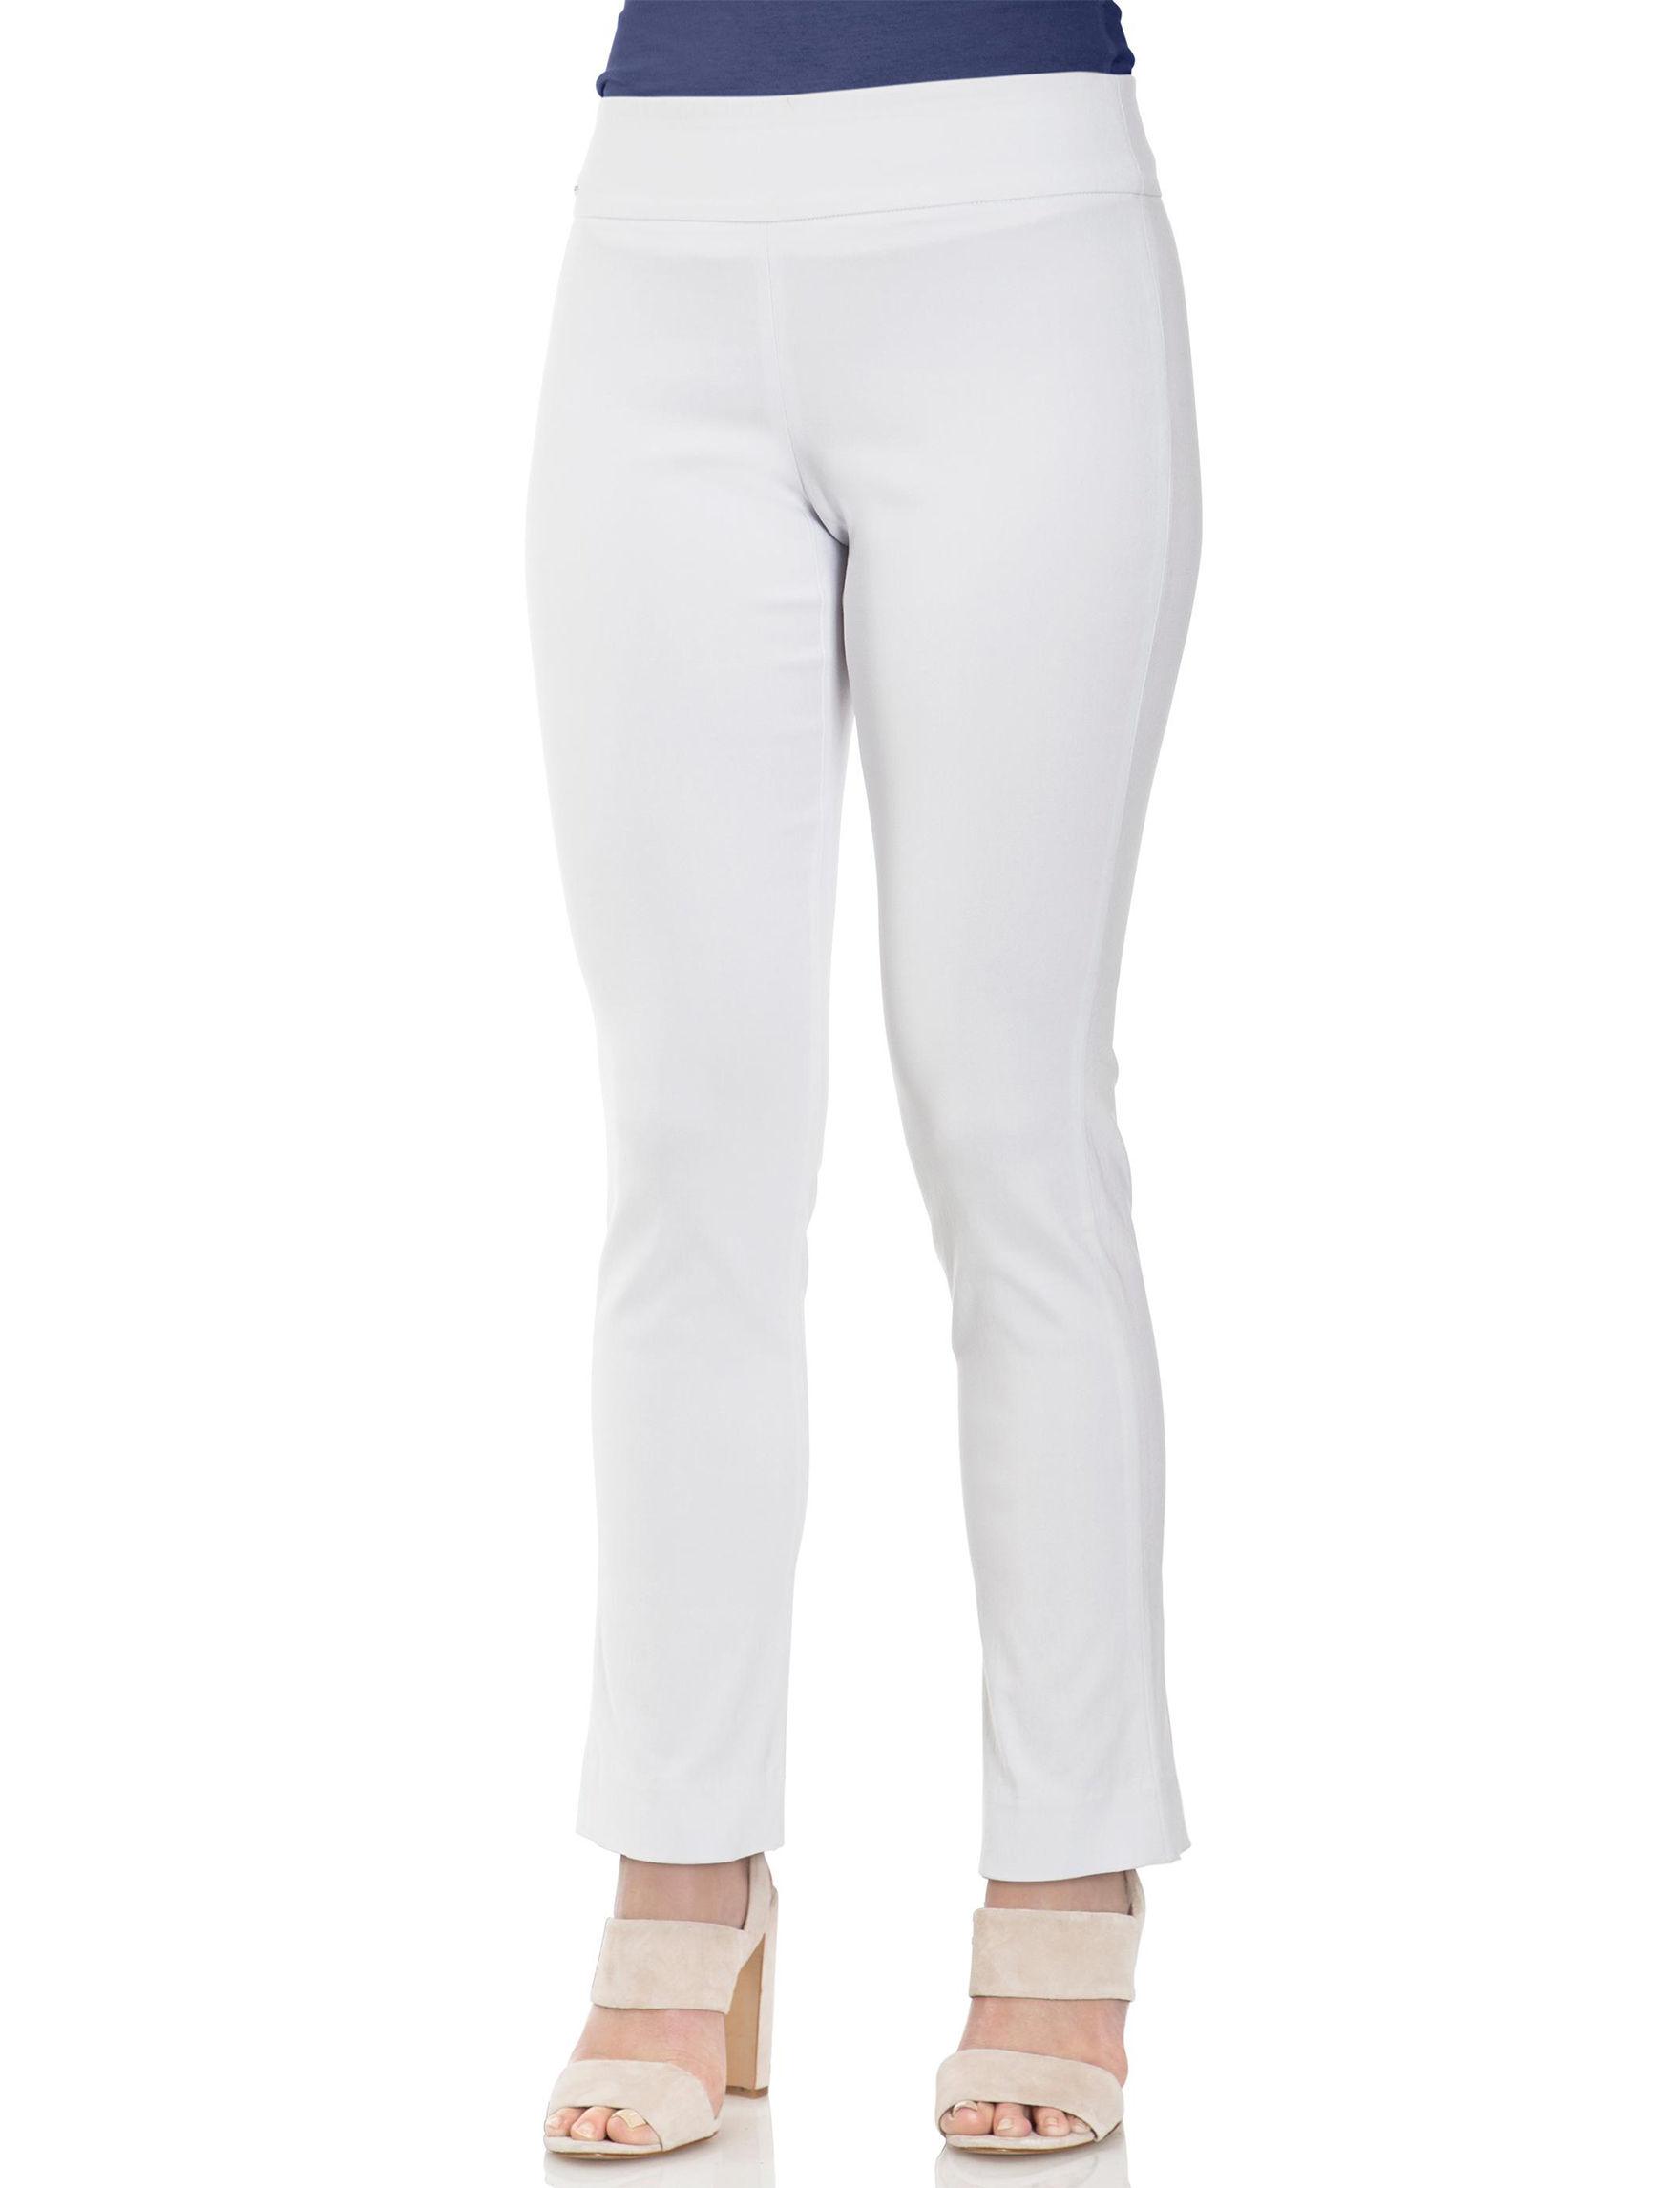 Izod White Soft Pants